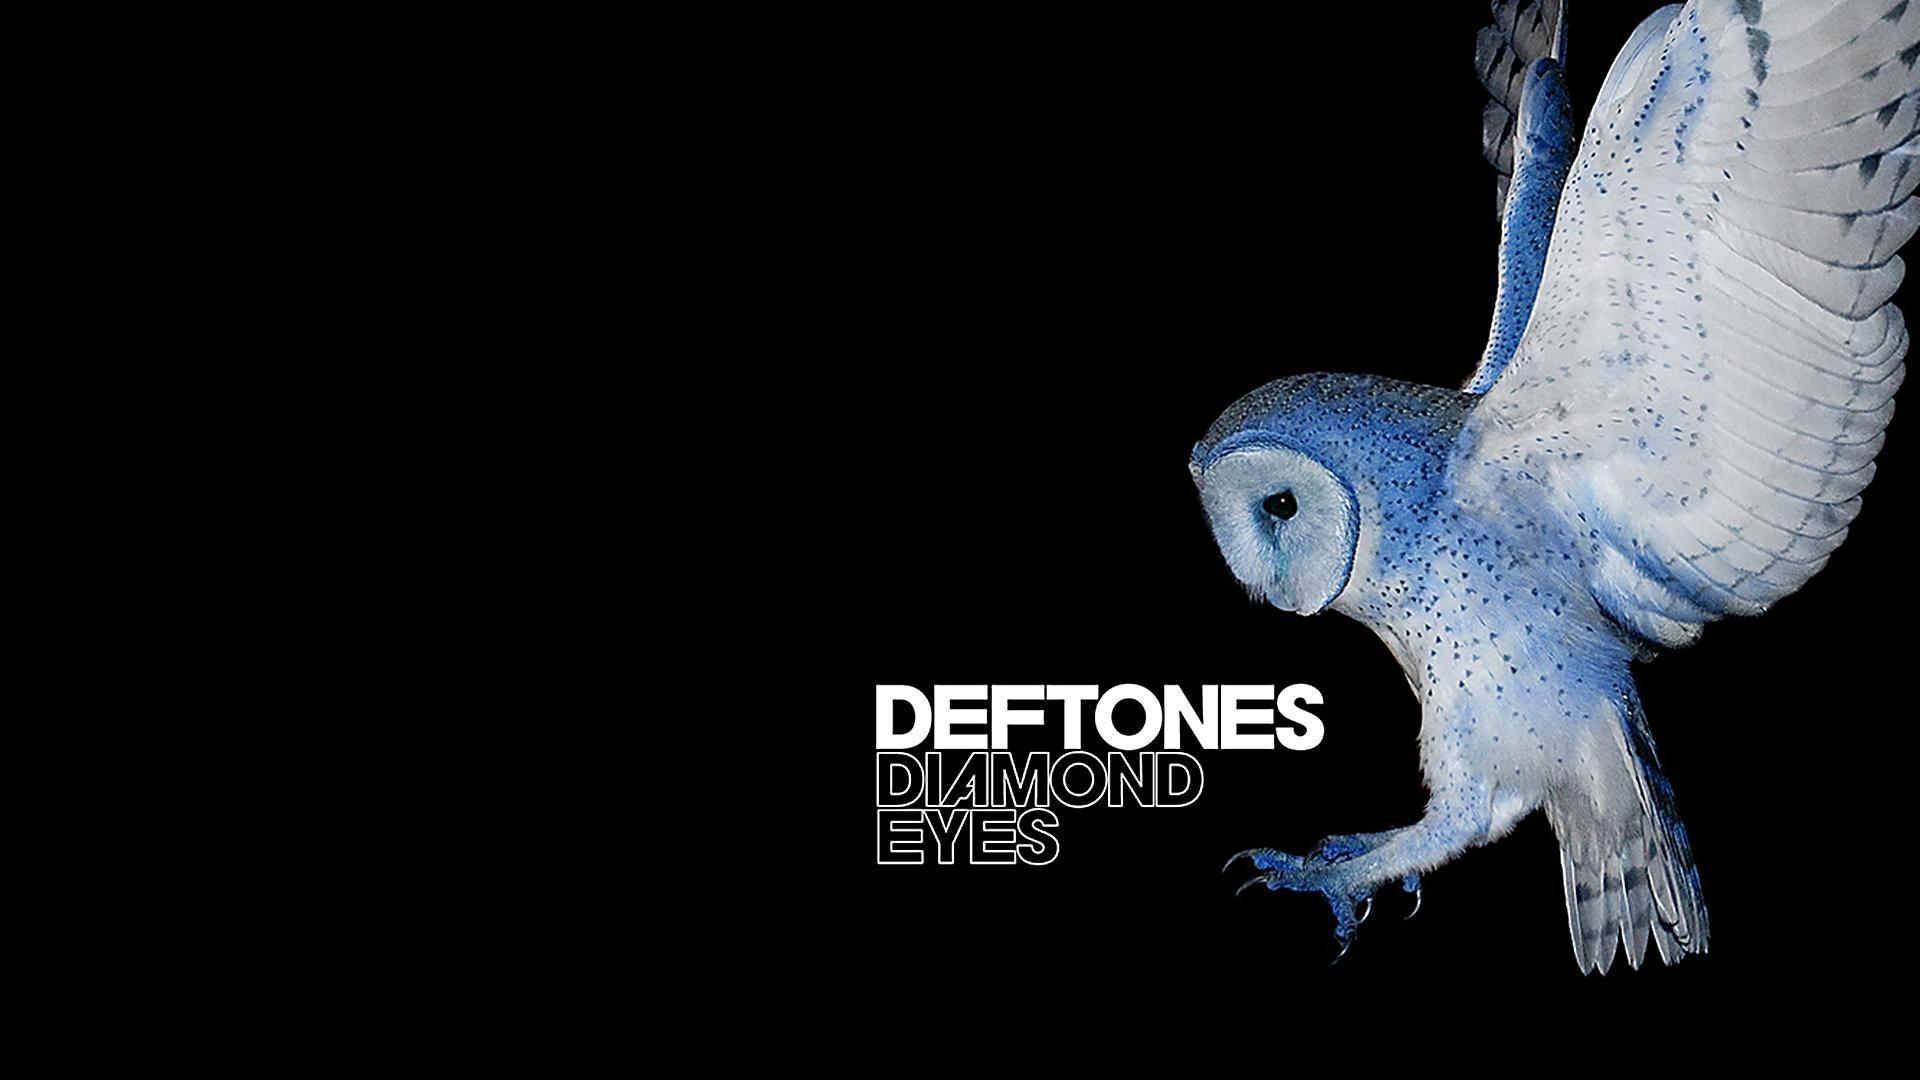 Images For Deftones Wallpaper Hd 1920x1080